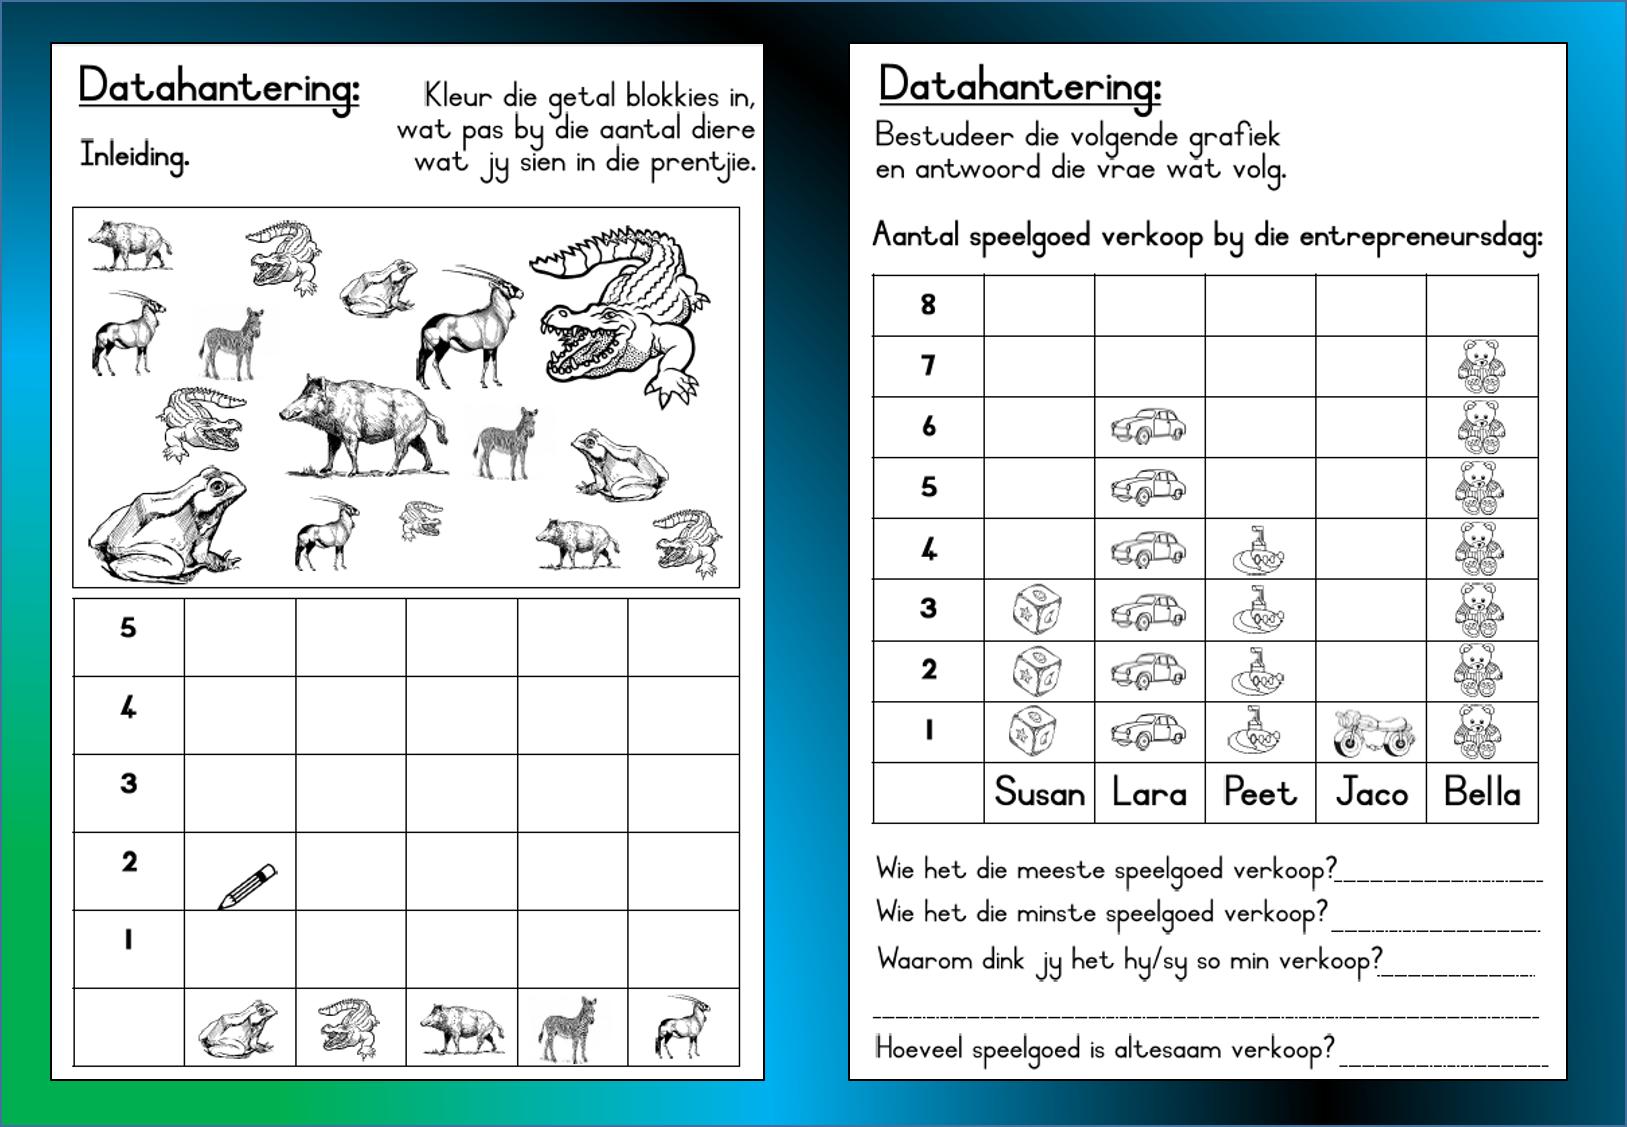 Graad 3 Wiskunde Datahantering Werkkaart Grondslagfase Aflaaibare Volledige Dokument Beskik Math Worksheets 1st Grade Worksheets Printable Math Worksheets [ 1127 x 1627 Pixel ]